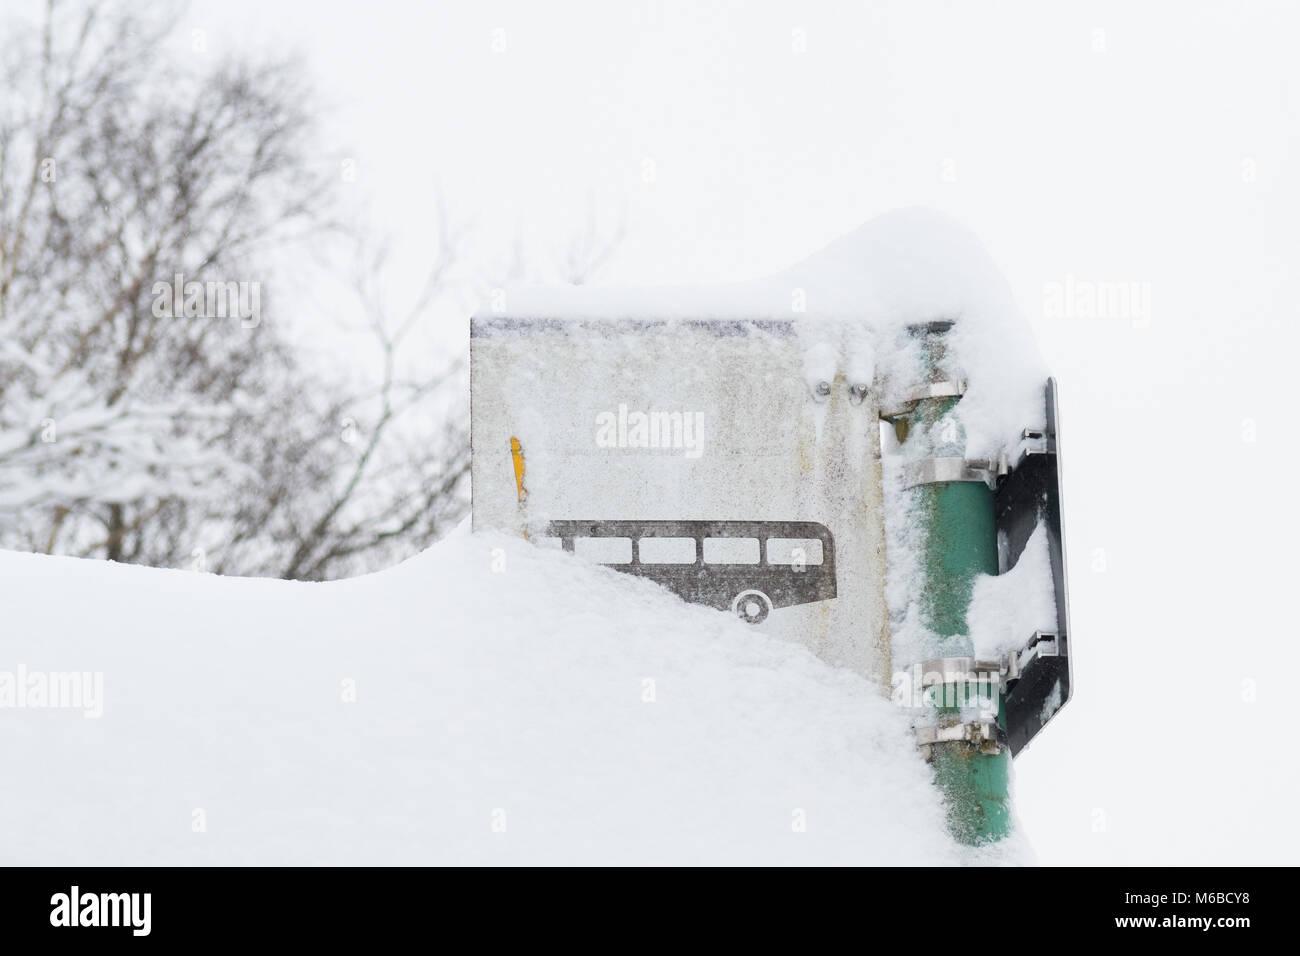 Parada de autobús firmar cubierto de nieve en invierno transporte público - Concepto - Escocia, Reino Imagen De Stock